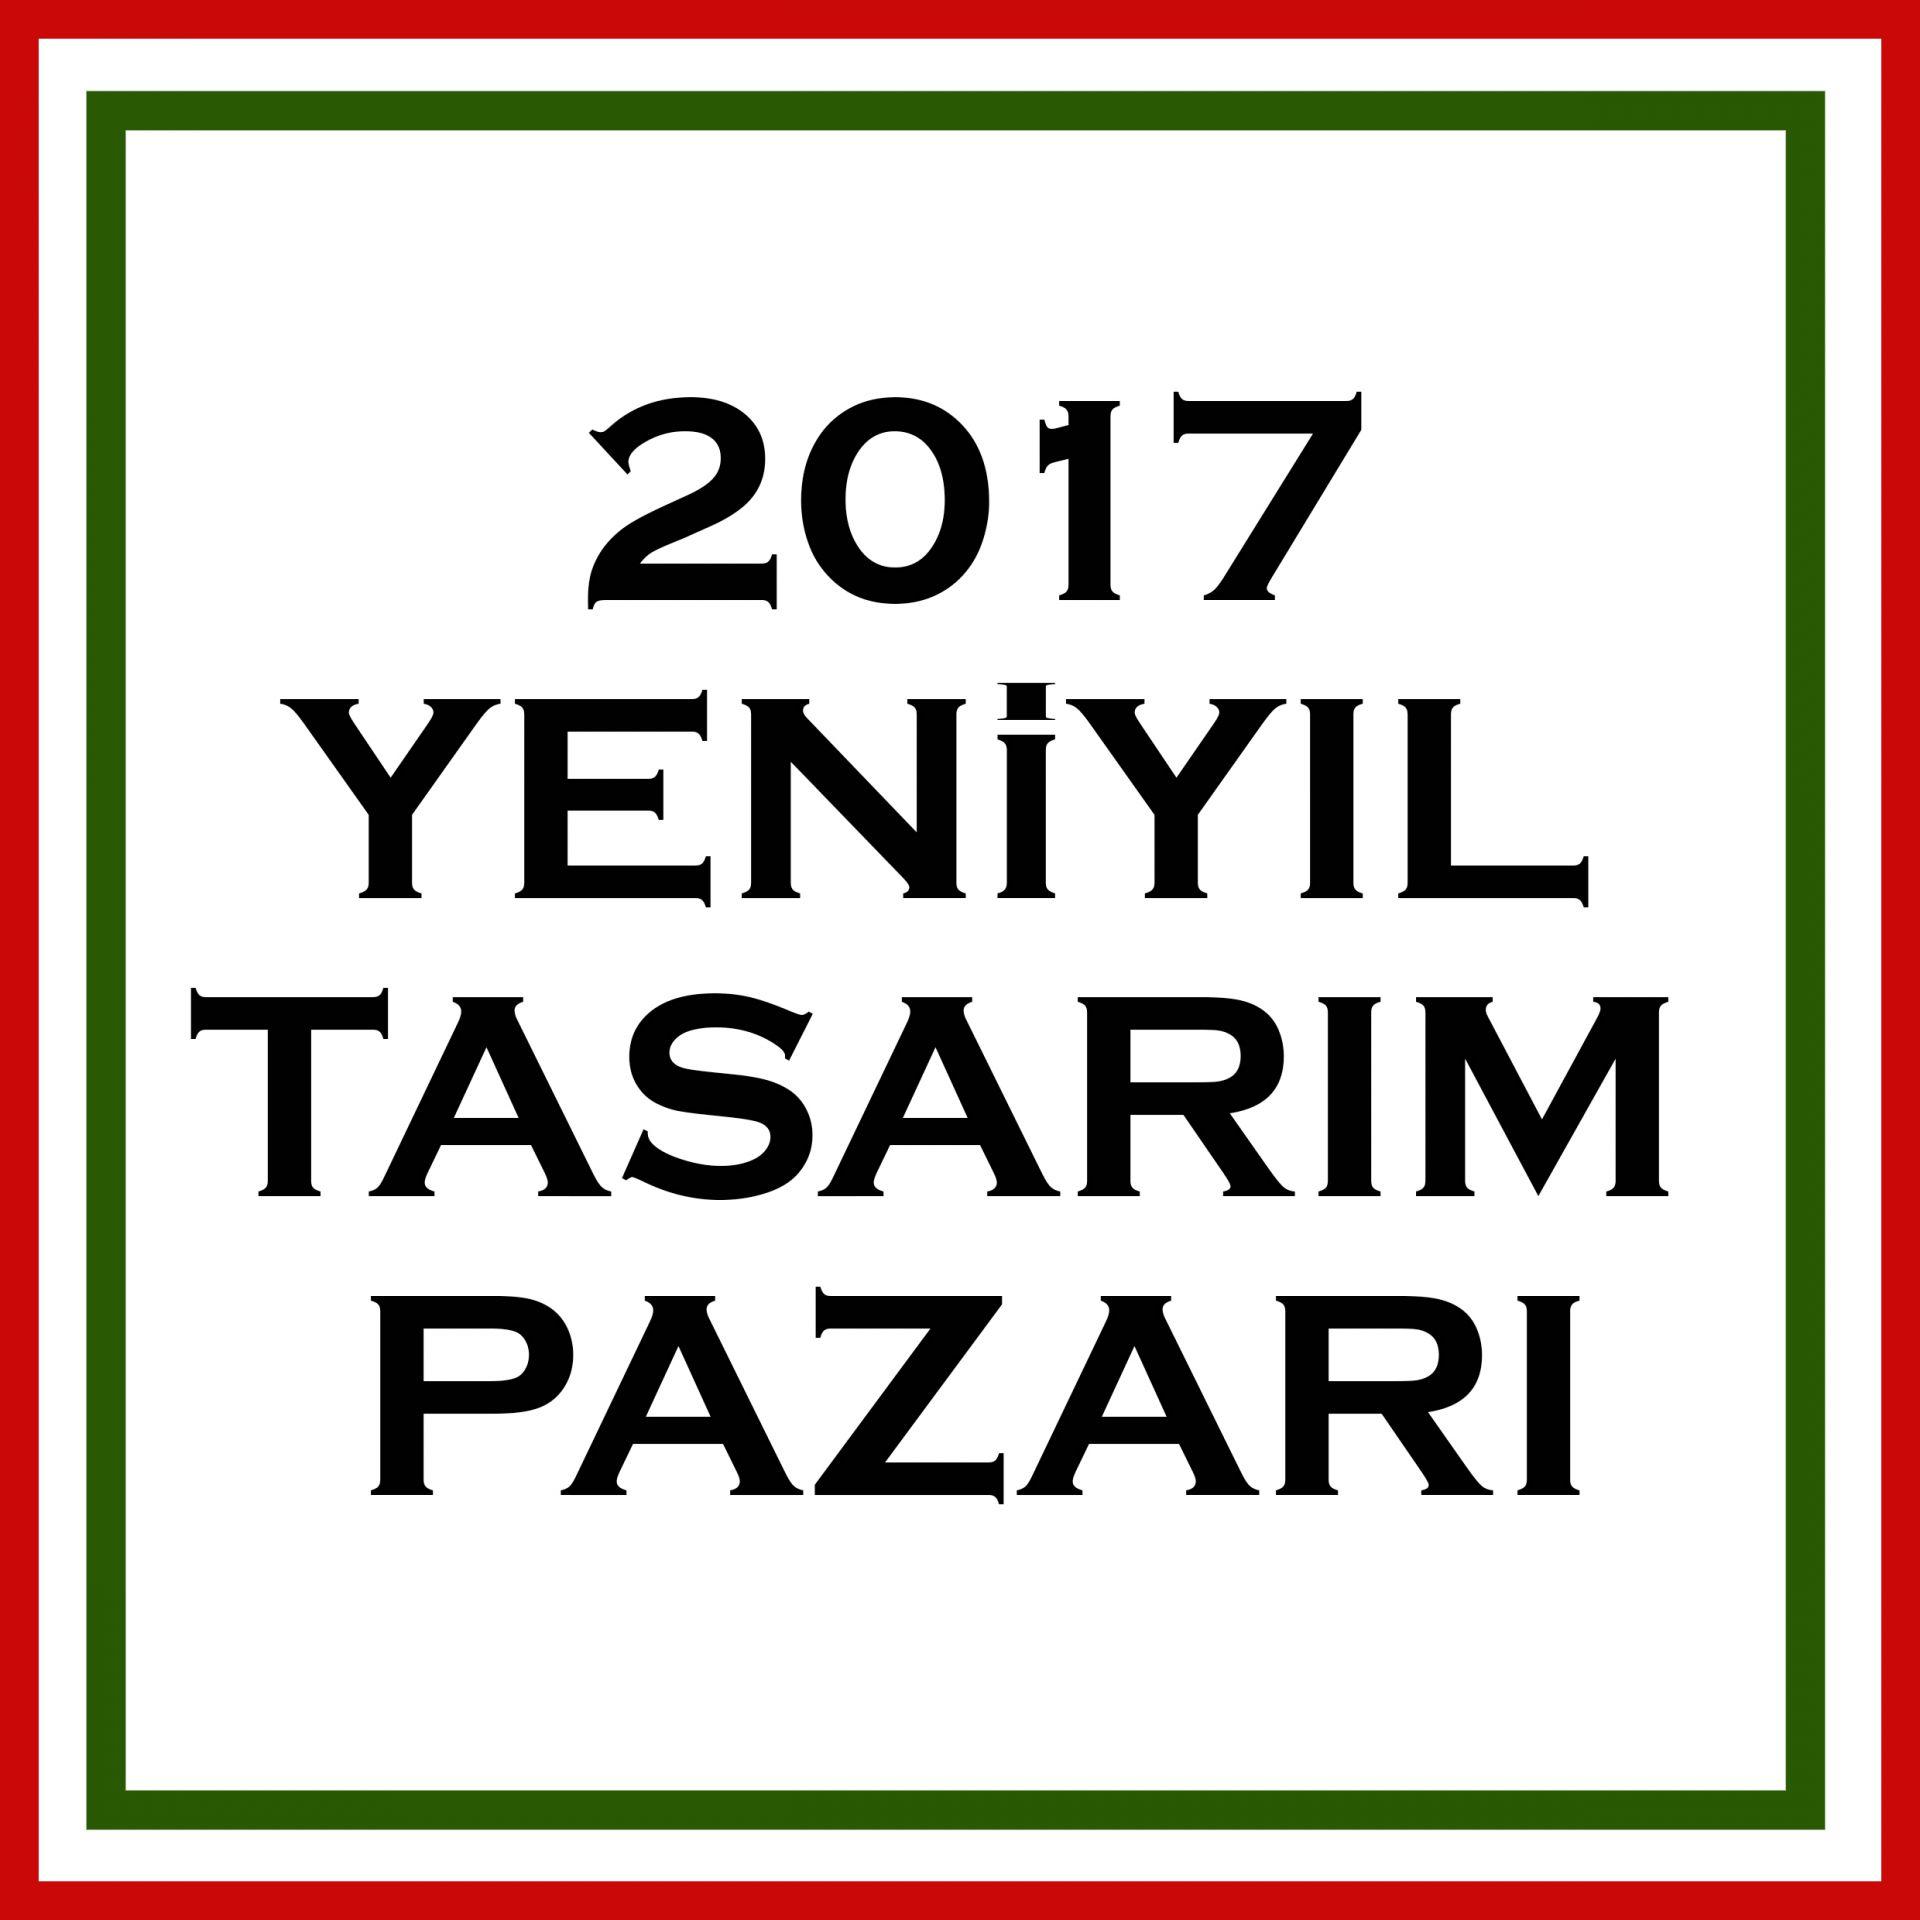 Yeniyil Tasarim Pazari